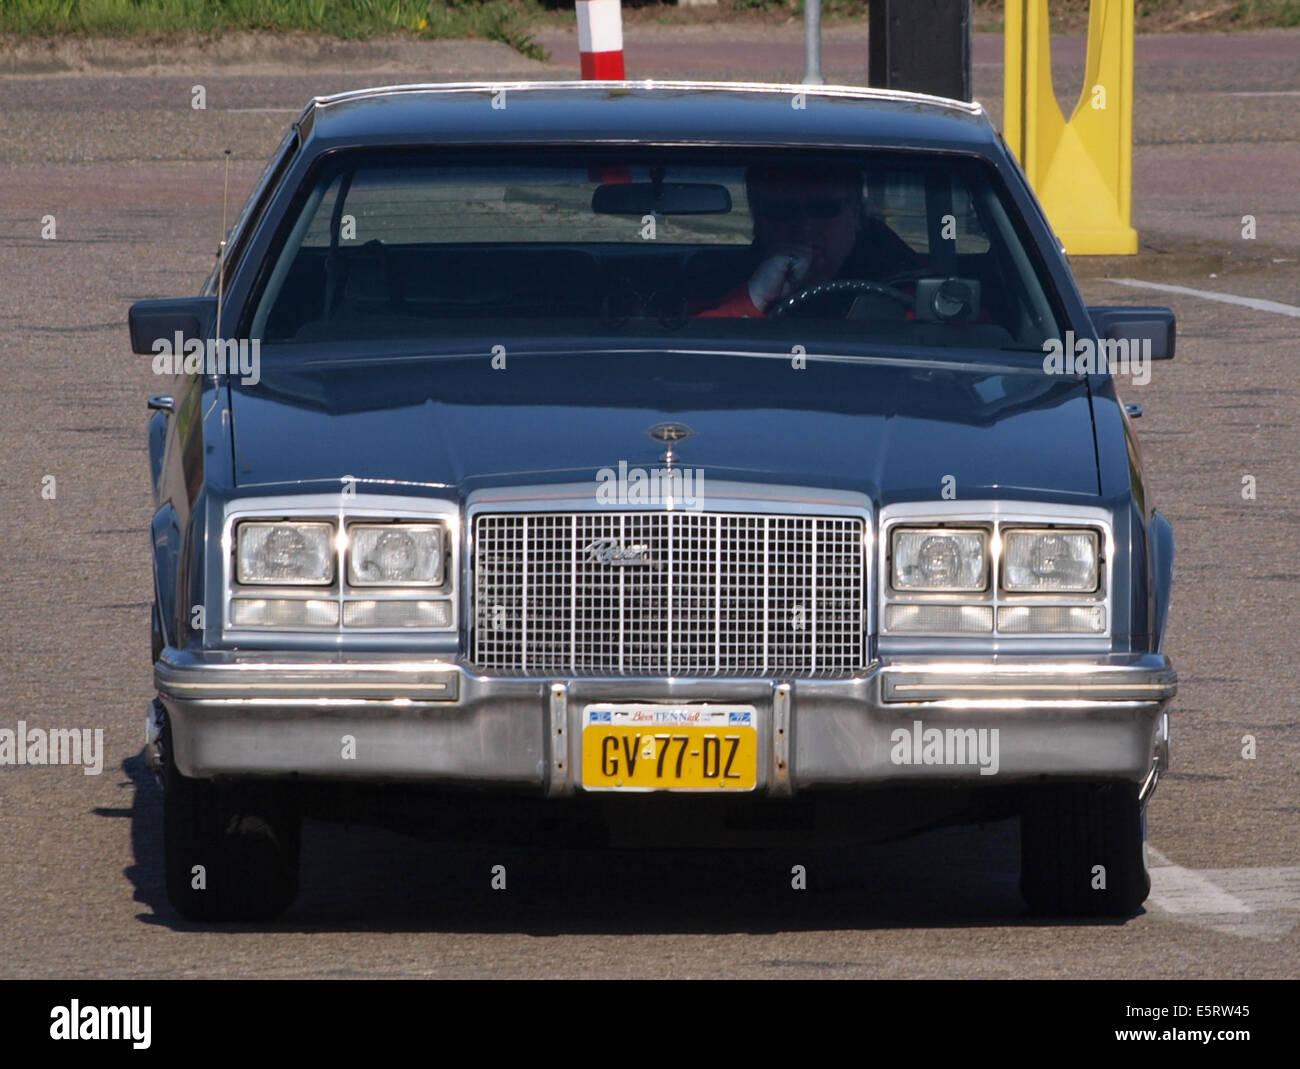 1981 Buick Riviera, néerlandais enregistrement licence GV-77-DZ, pic2 Photo Stock